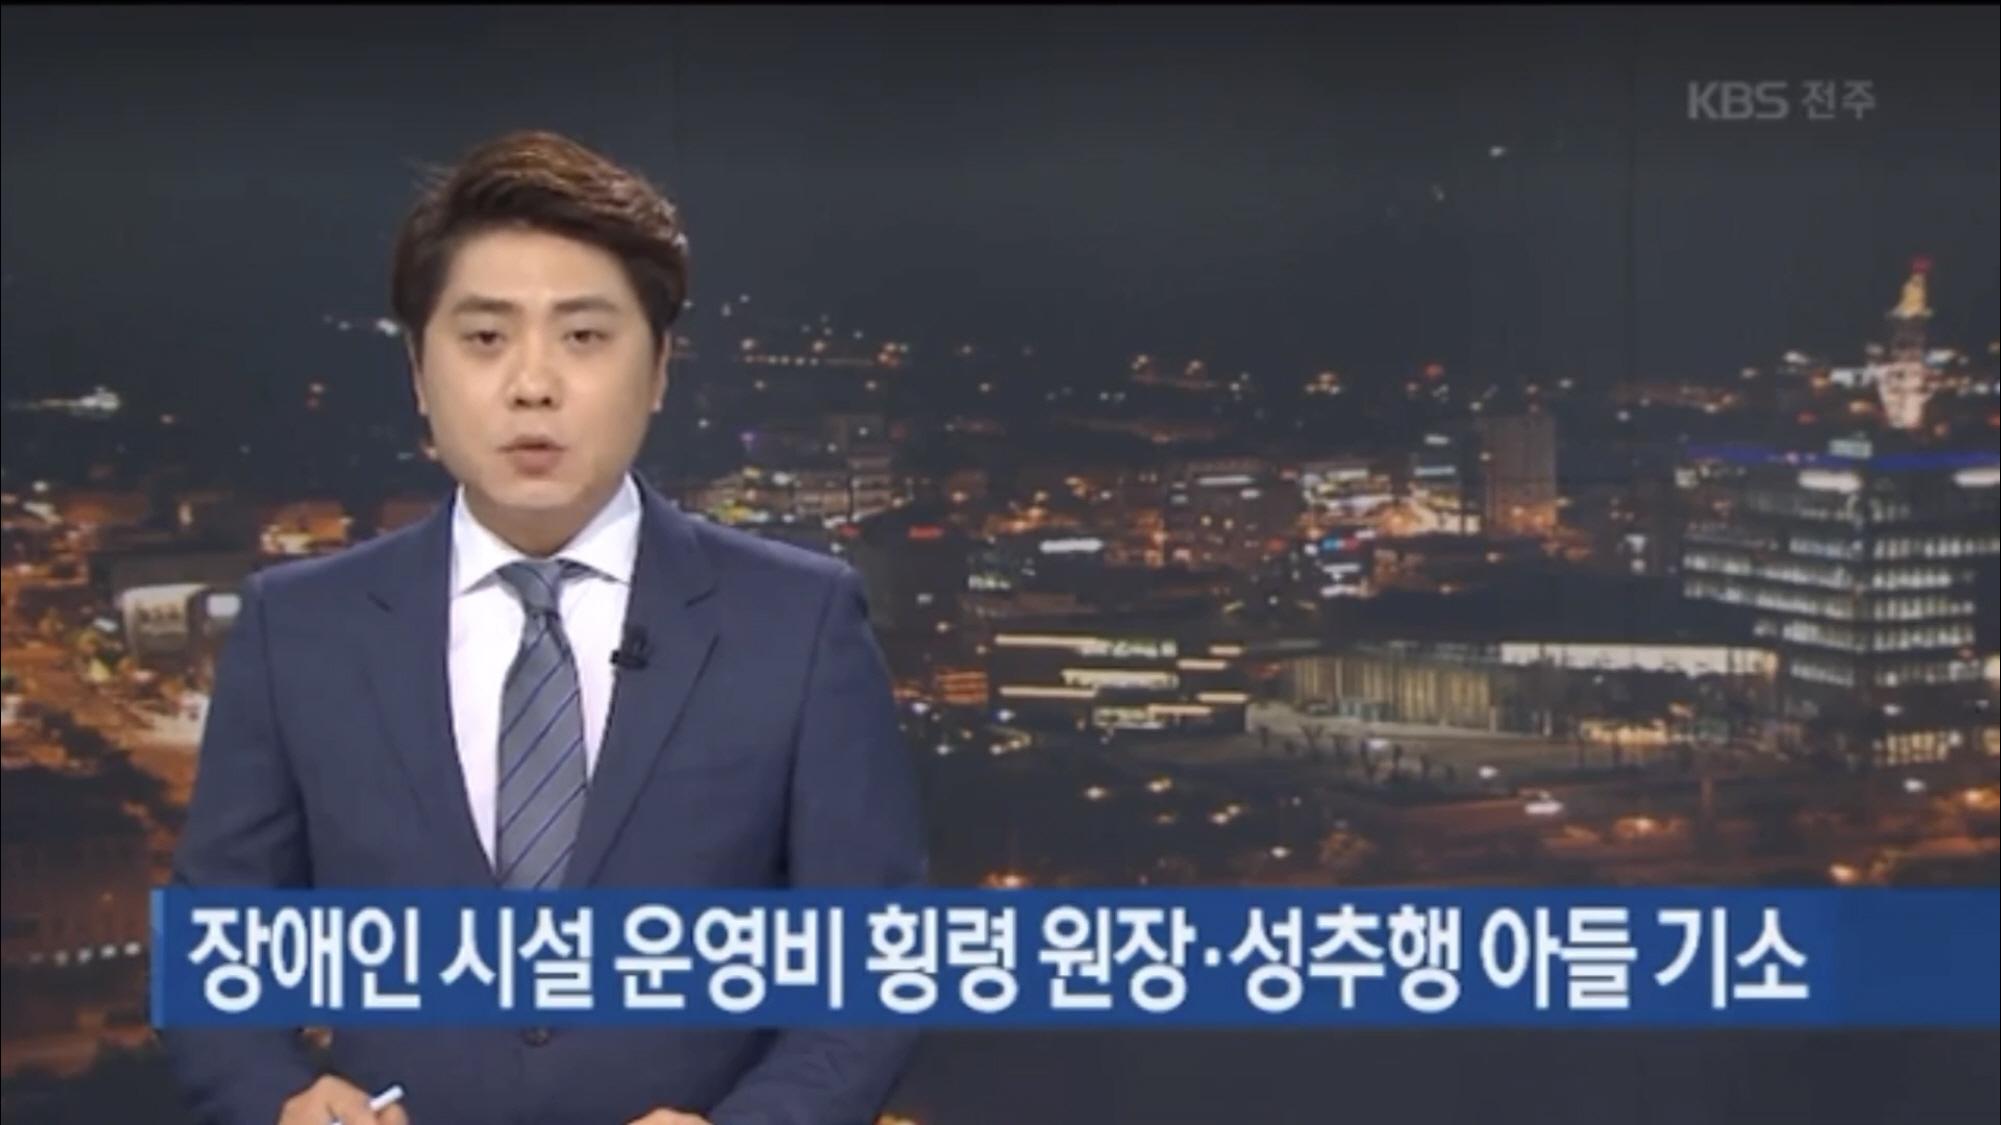 [19.1.24 KBS전북] 전주지검, 전주 장애인시설 운영비 횡령.성추행 기소1.jpg